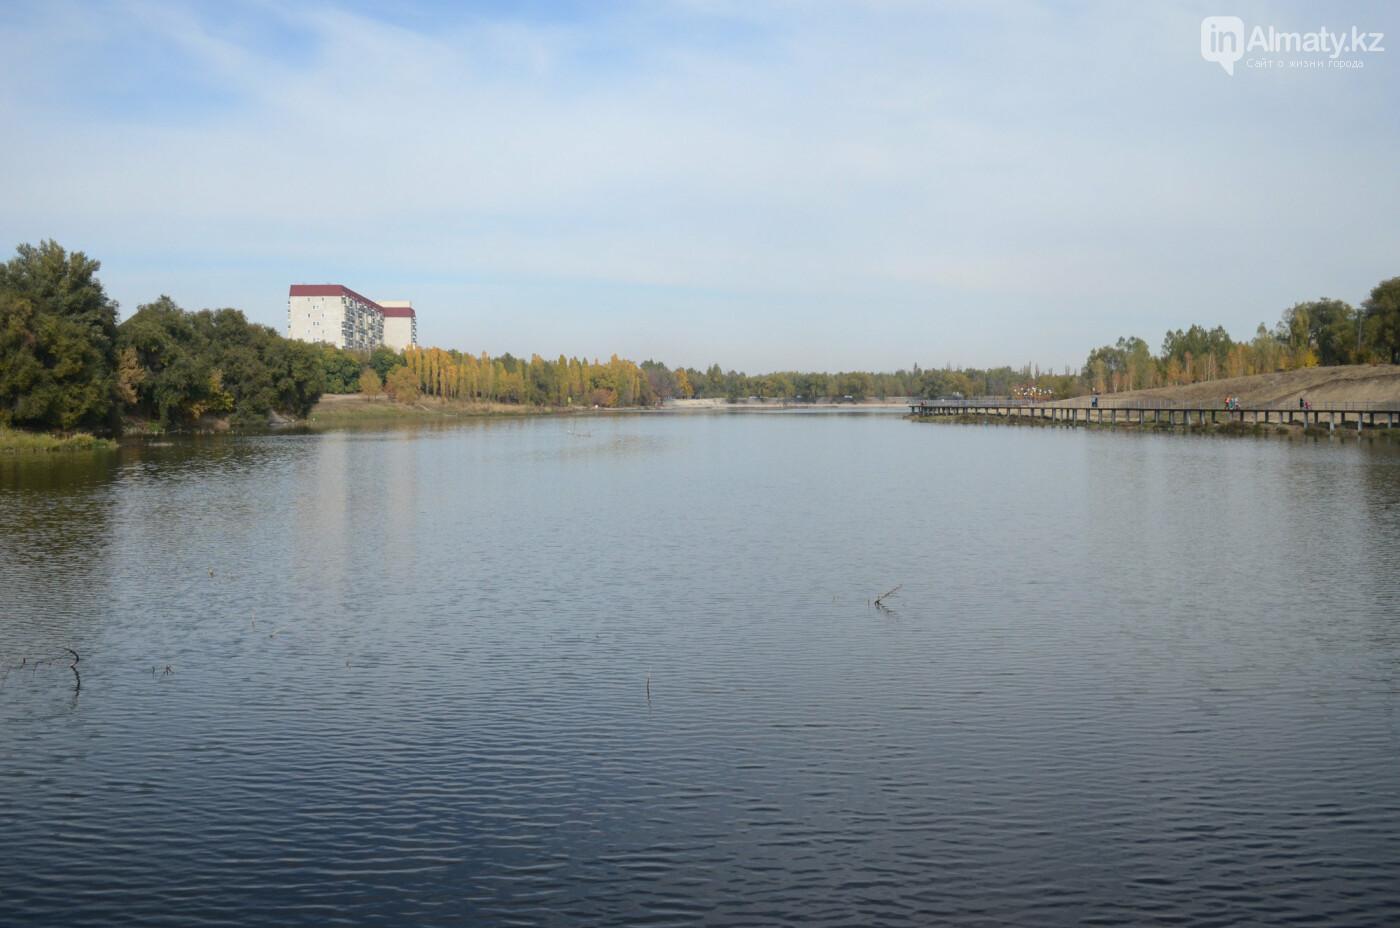 Как выглядит новый парк в зоне Аэропортовского озера и микрорайона Жас Канат в Алматы, фото-12